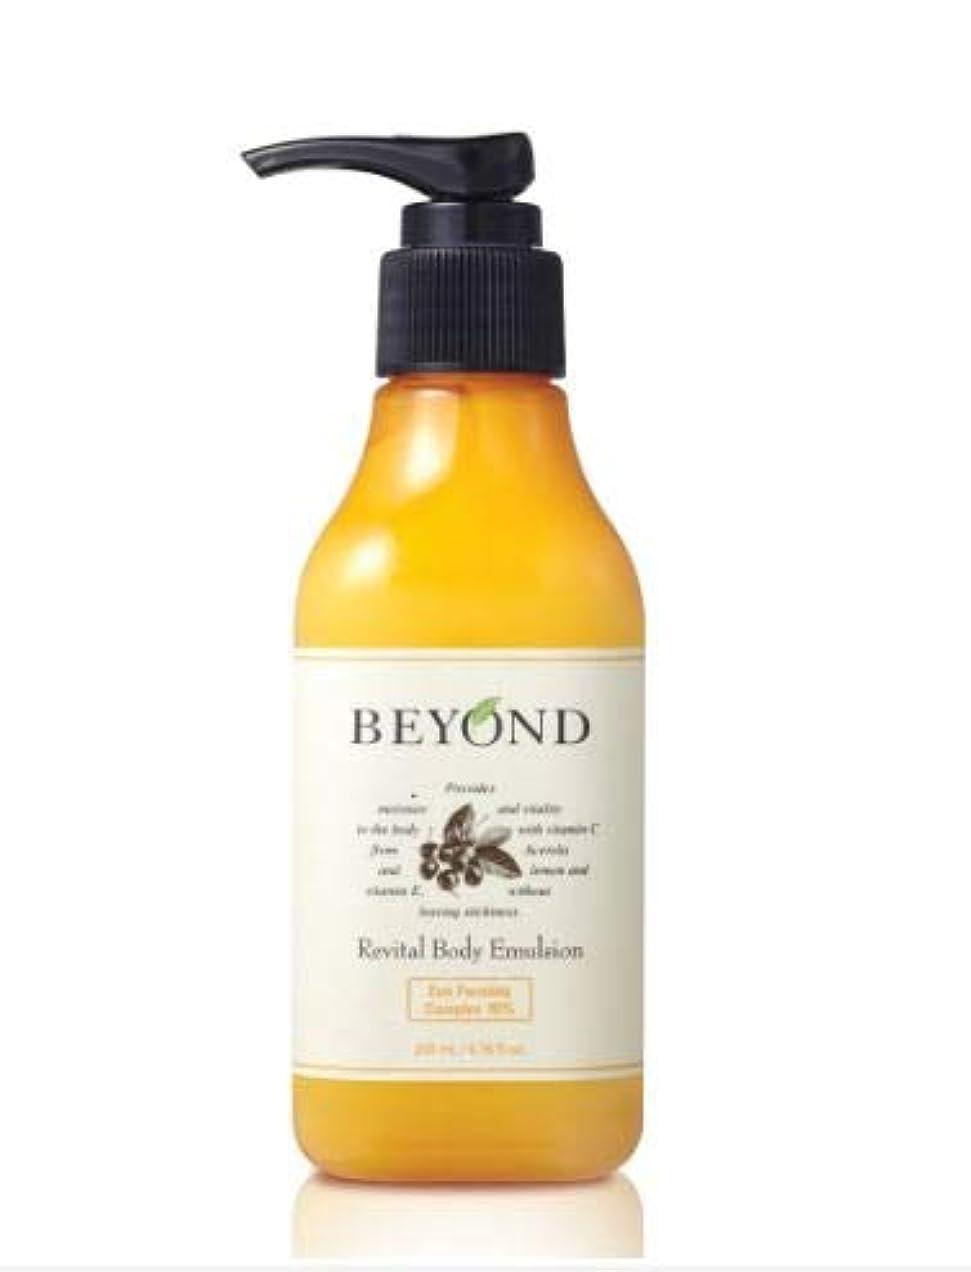 賞賛ジョージエリオット手荷物[ビヨンド] BEYOND [リバイタル ボディ エマルション 200ml] Revital Body Emulsion 200ml [海外直送品]